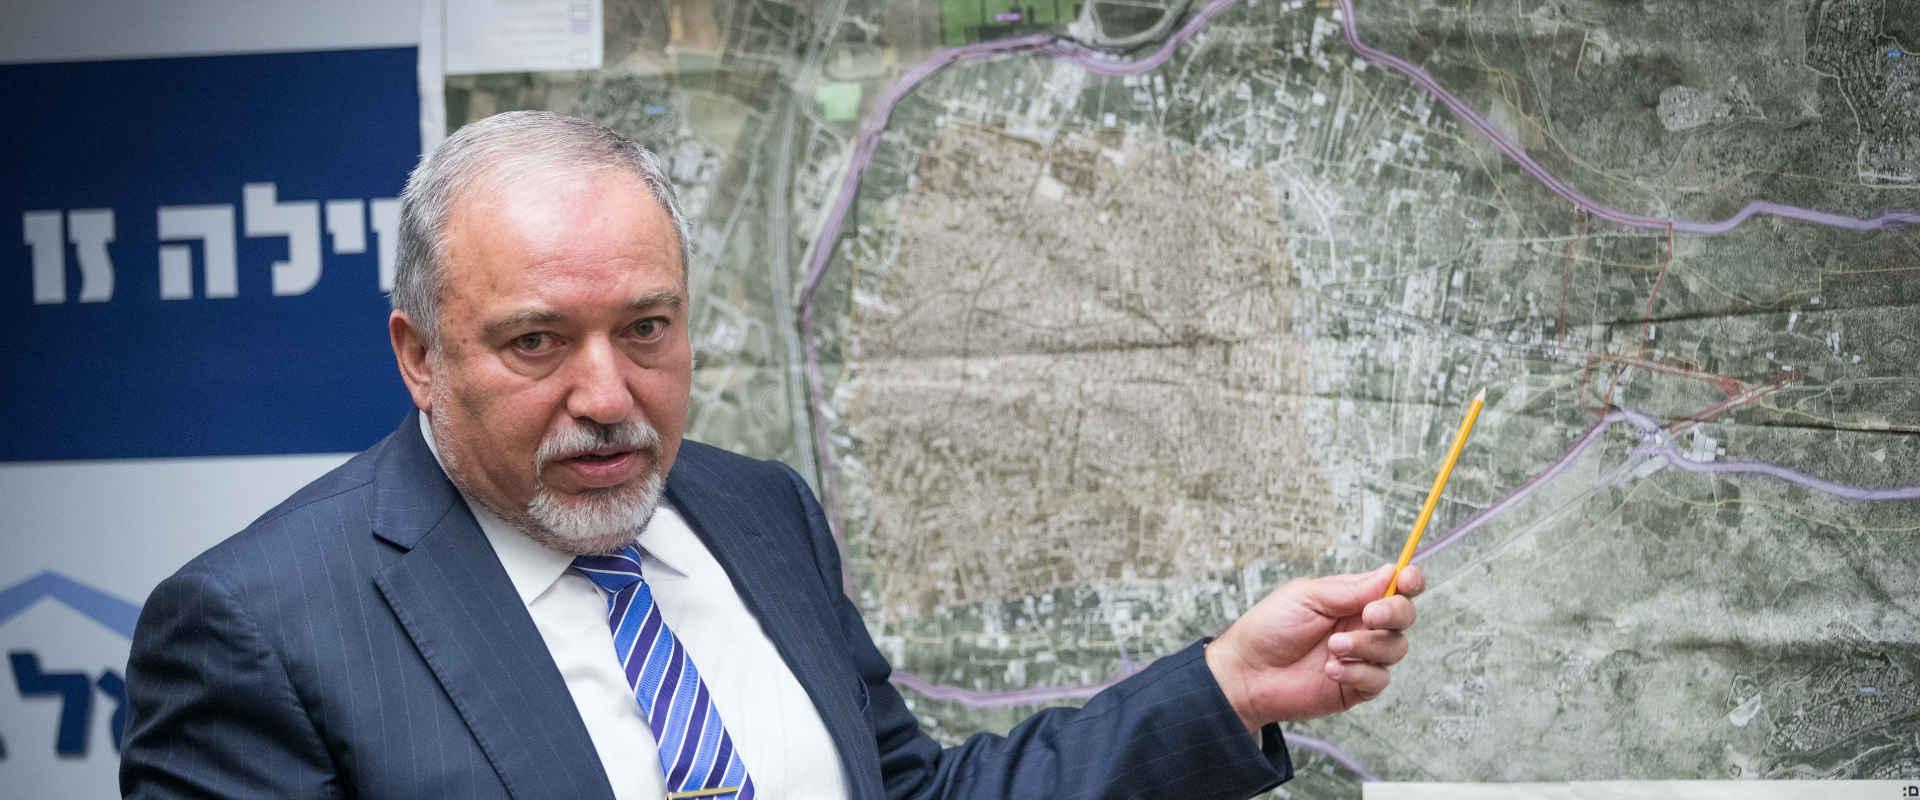 שר הביטחון, אביגדור ליברמן, בישיבת סיעה ביום שני ה